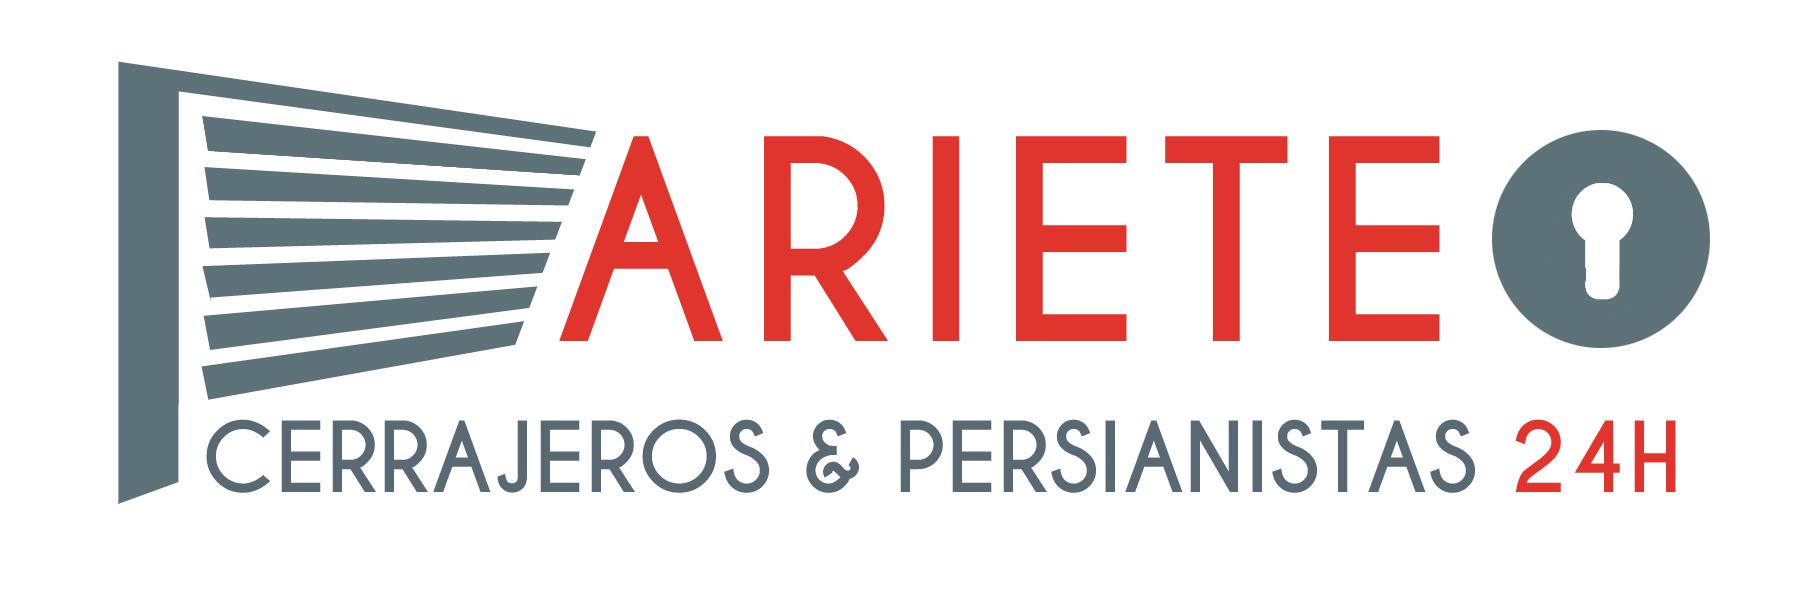 Ariete Cerrajeros